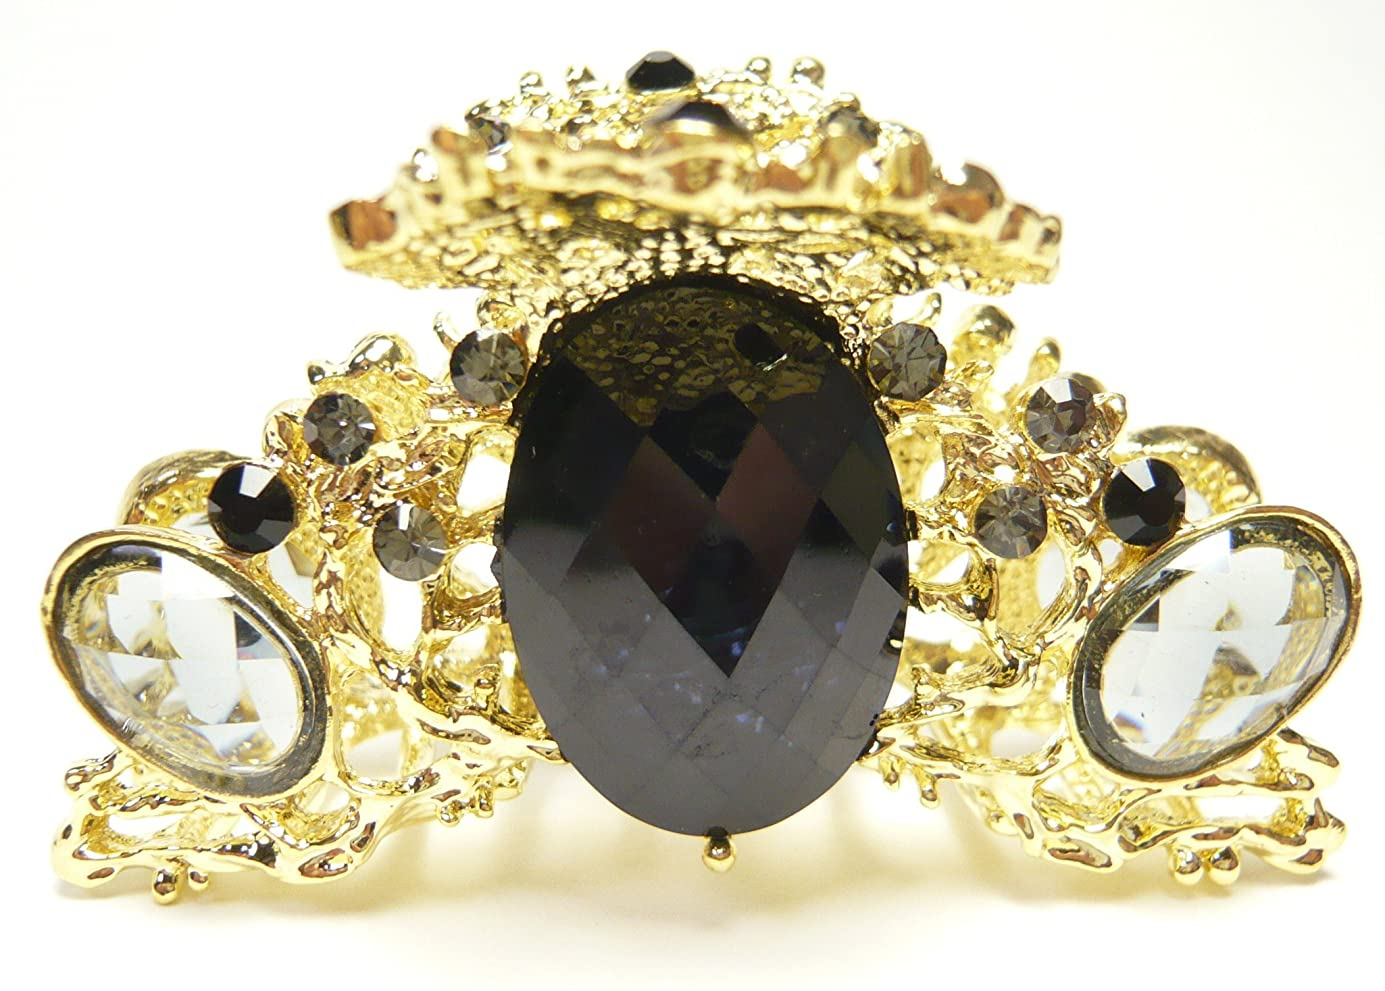 寄生虫優しい秘書3色 しっかりとまる ラインストーン ダイヤカット クリスタル ステンドグラス ヘアクリップ 96222